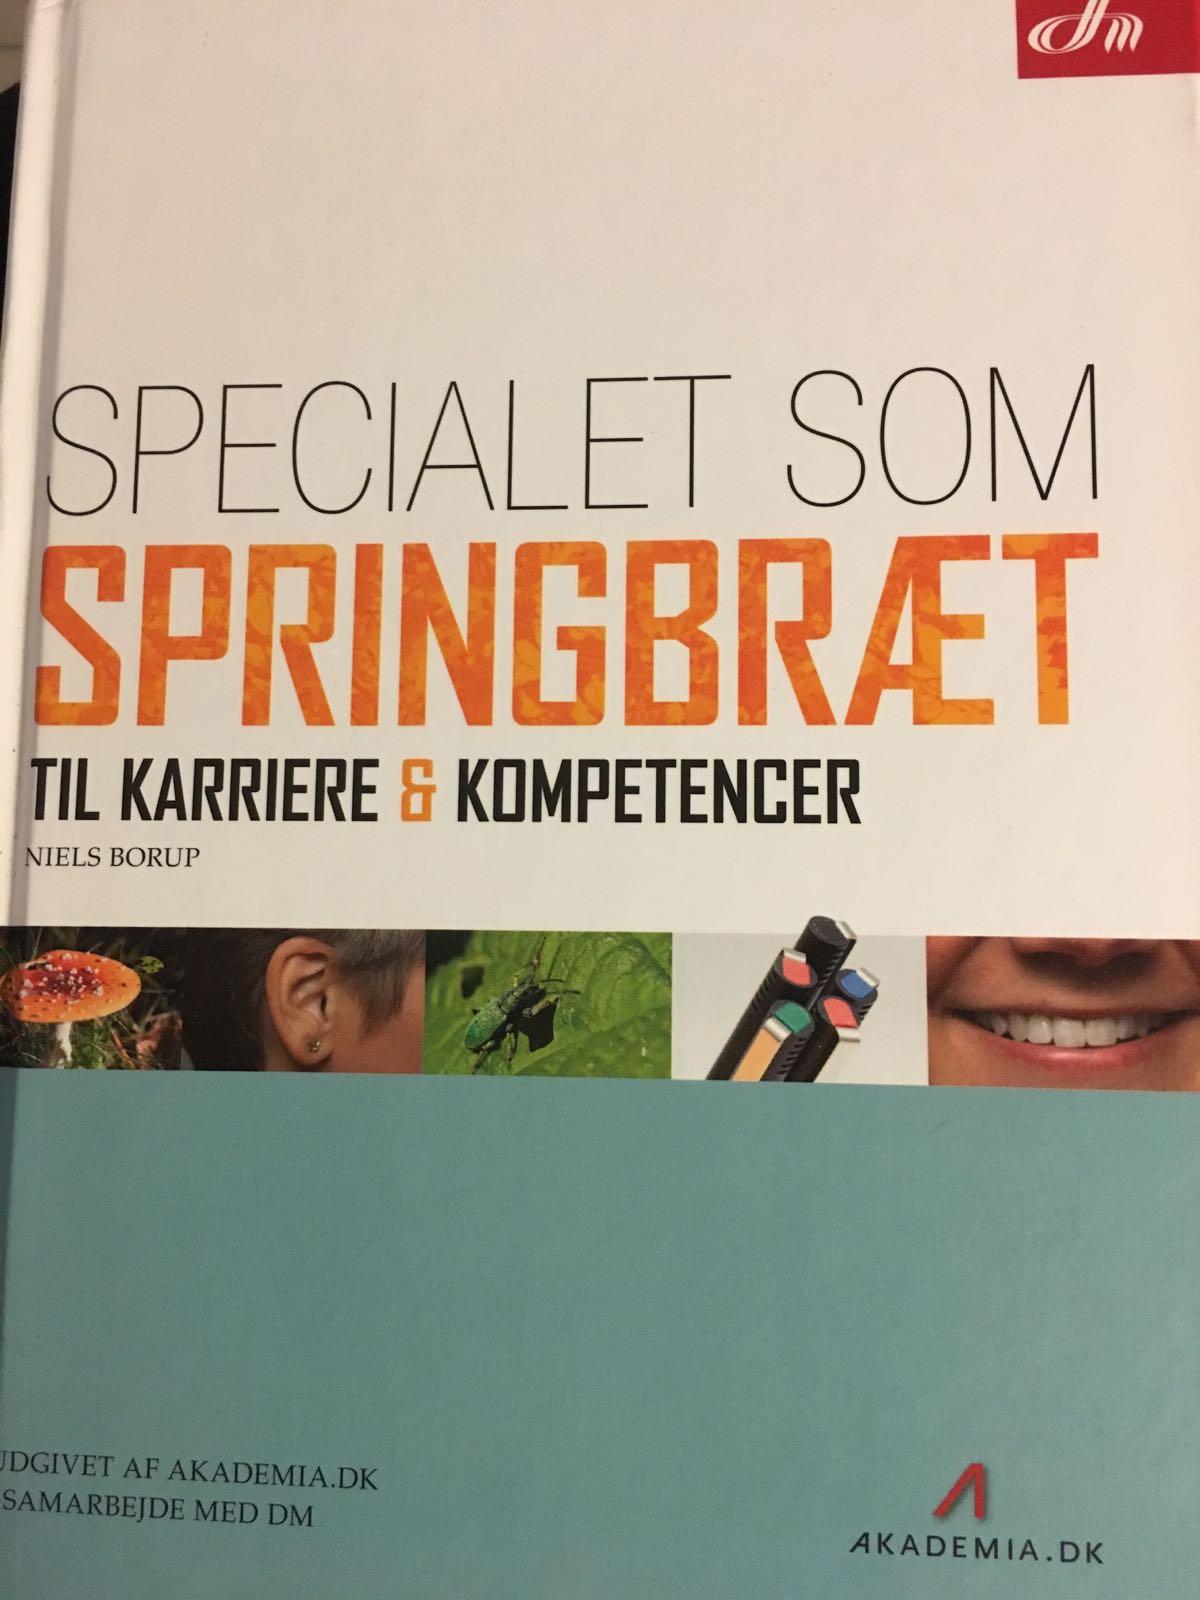 Specialet som springbræt til karriere & kompetencer af Niels Borup